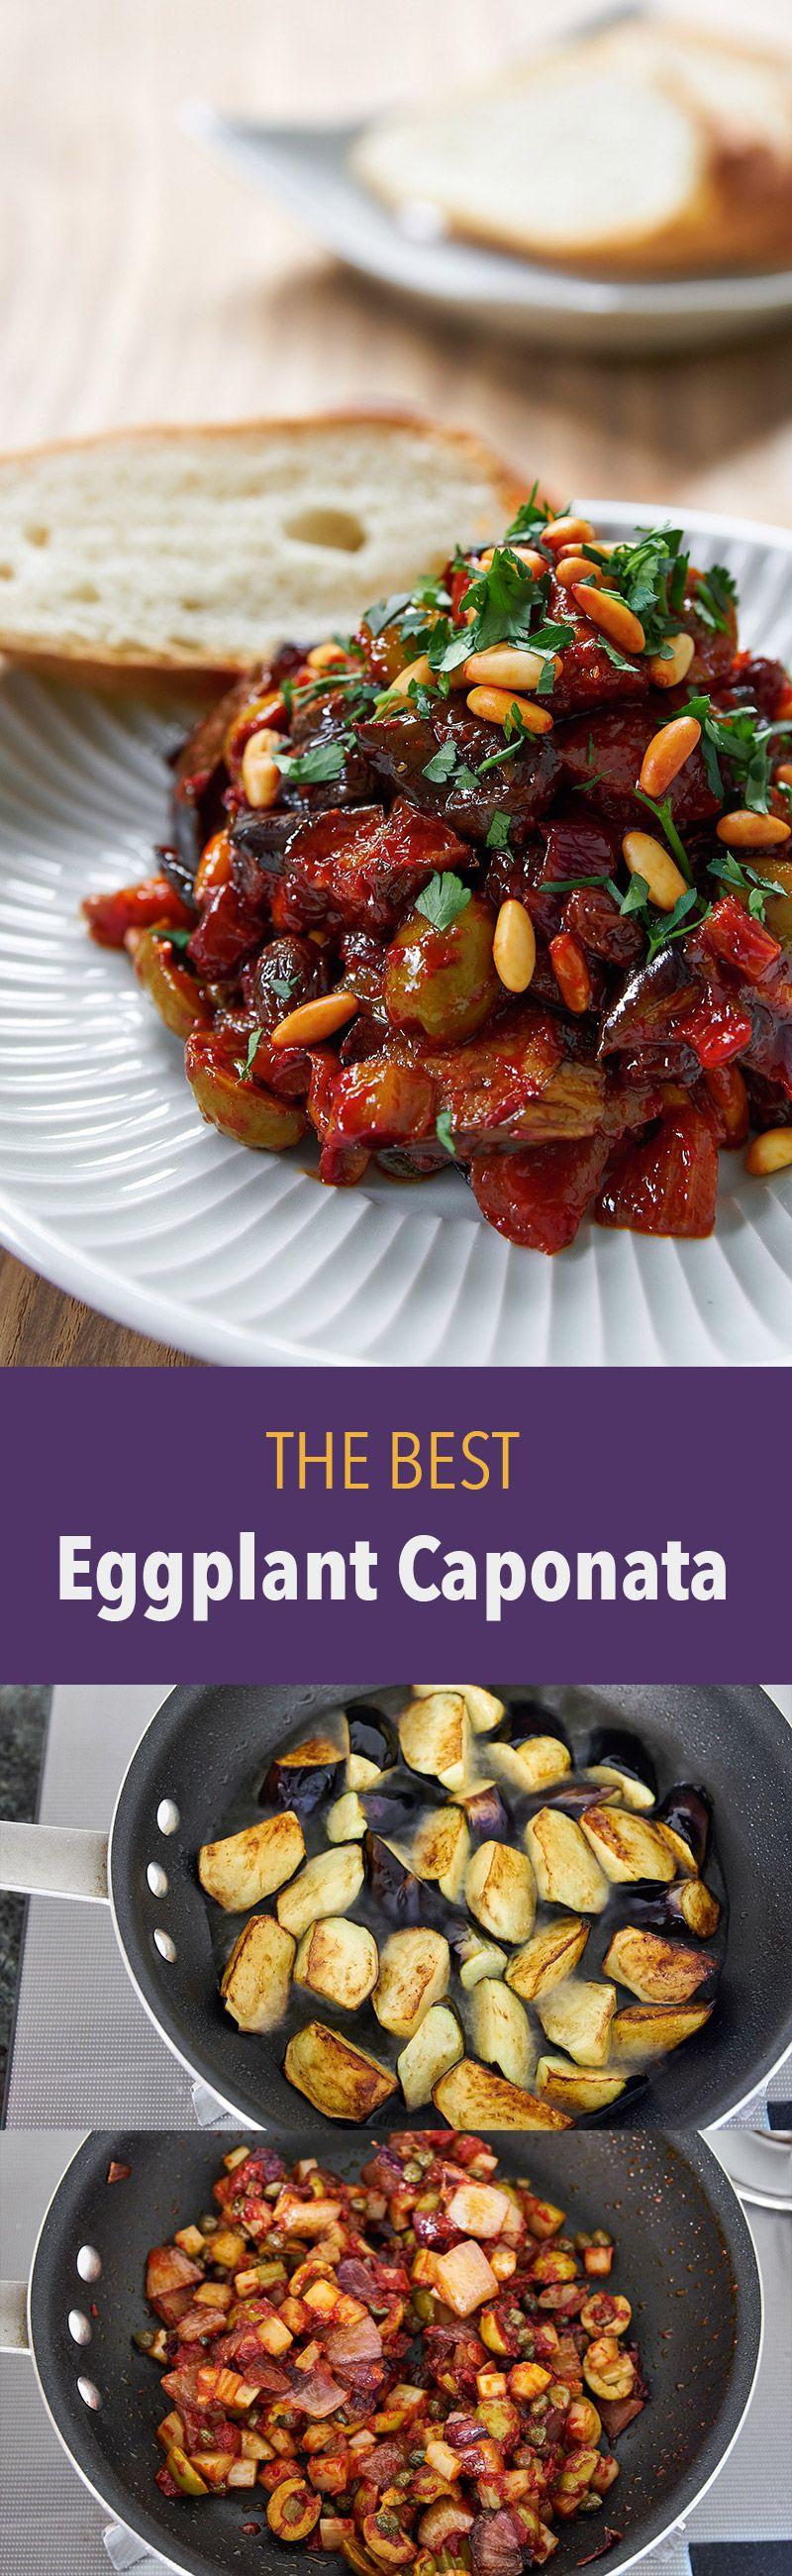 Caponata Siciliana recipes winner winner chicken dinner Pinterest